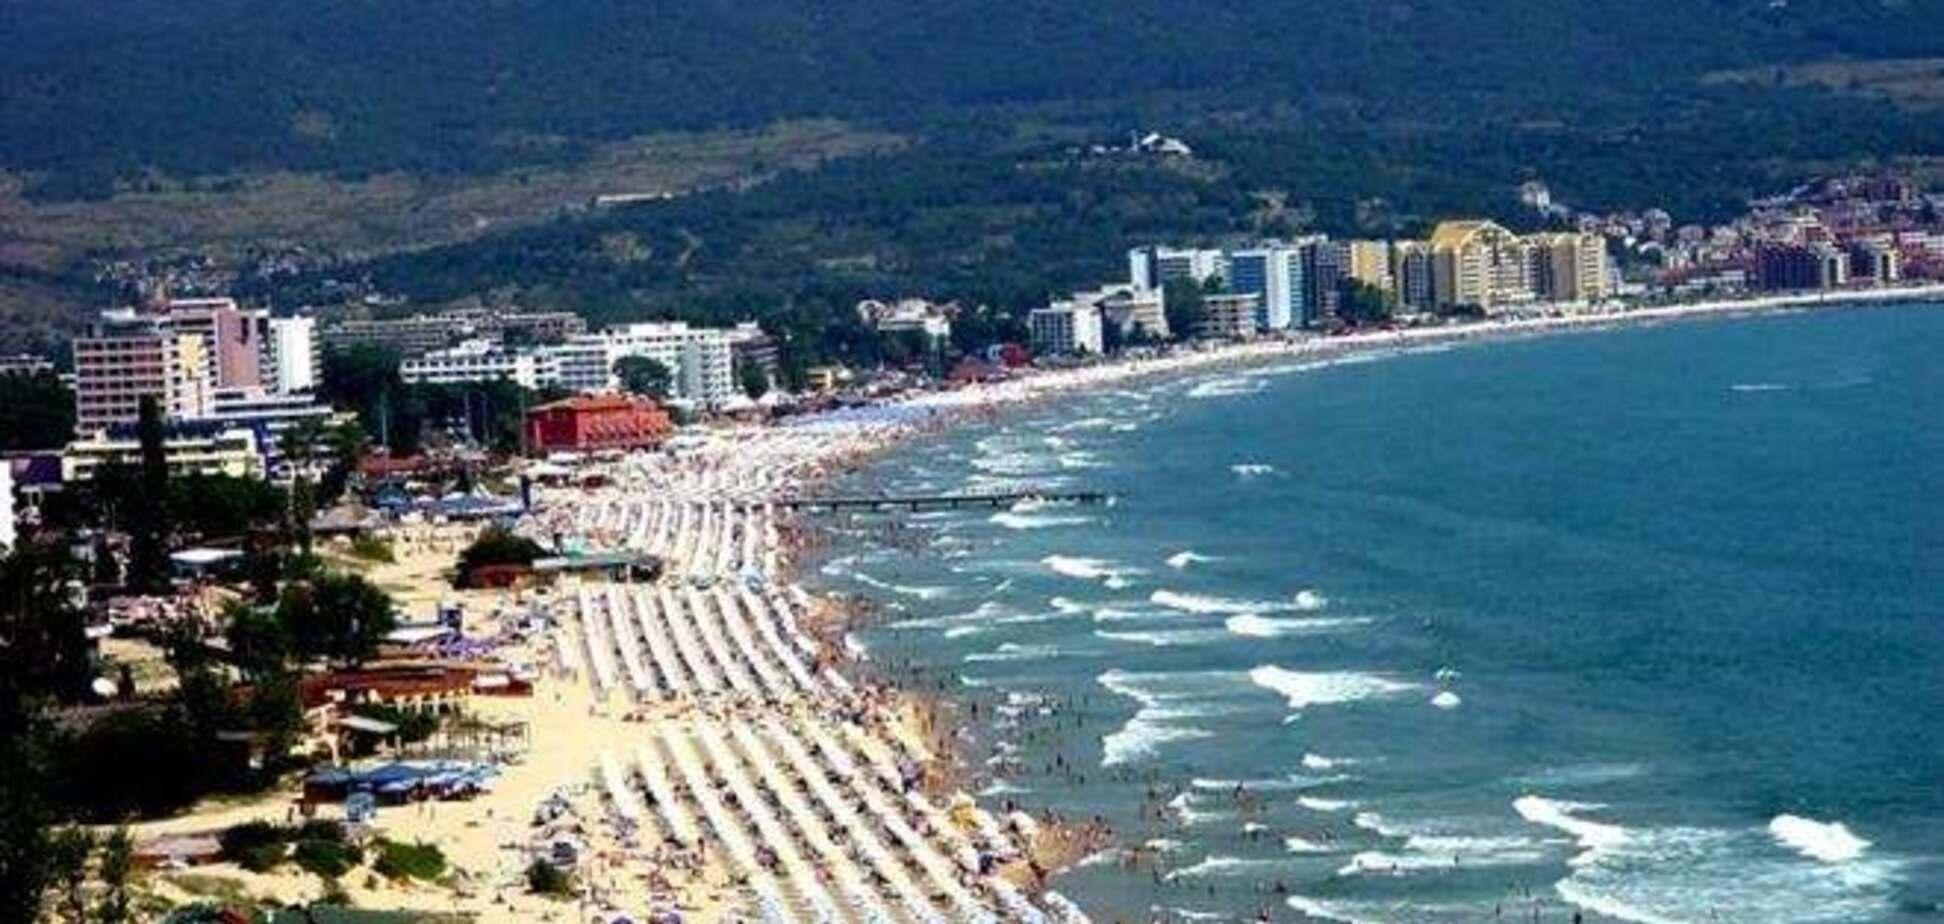 Самая дешевая недвижимость Болгарии на берегу моря